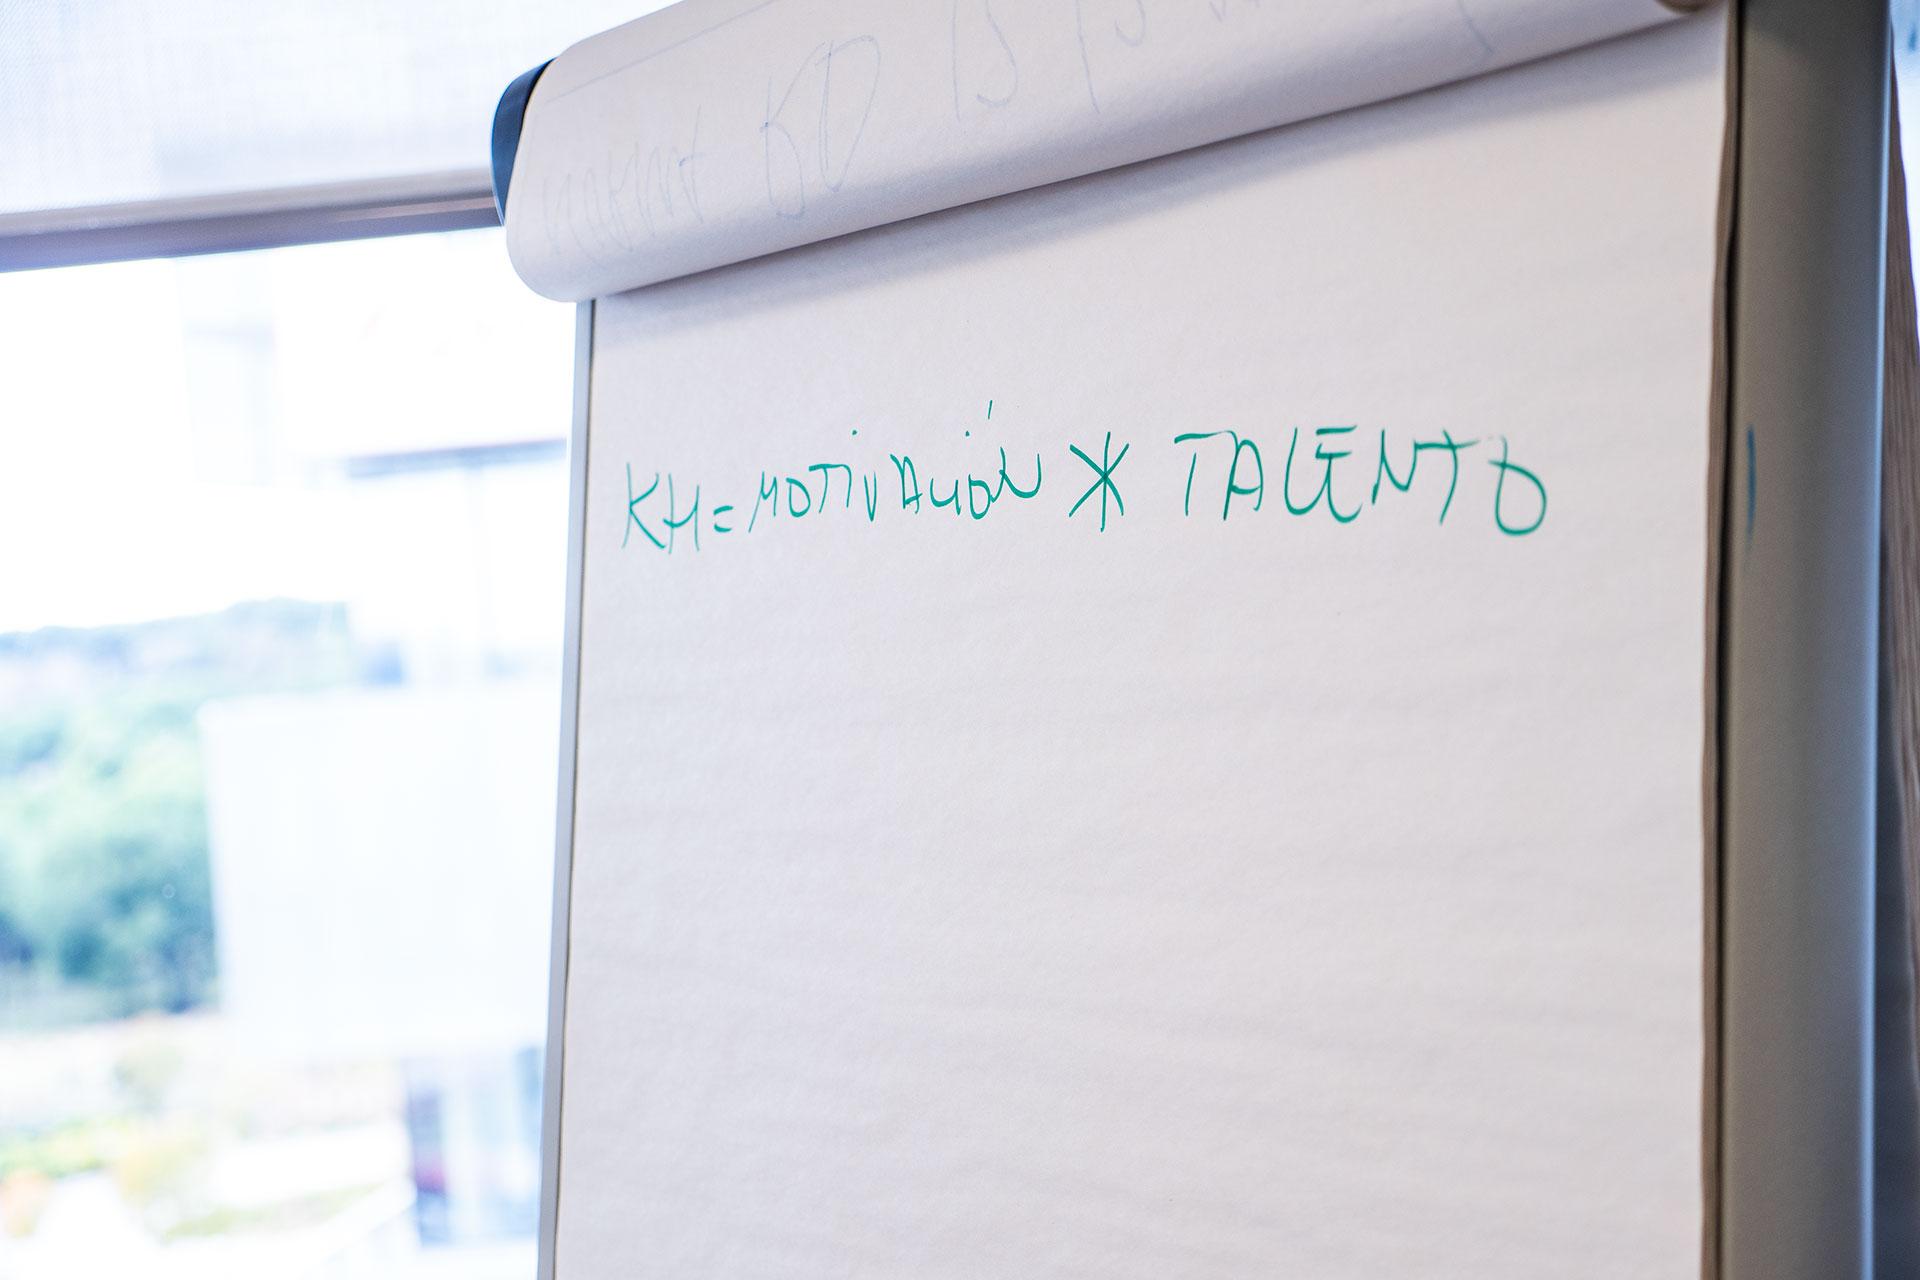 rrhh-talento-336x280 Aplicando lo aprendido en The Adecco Group